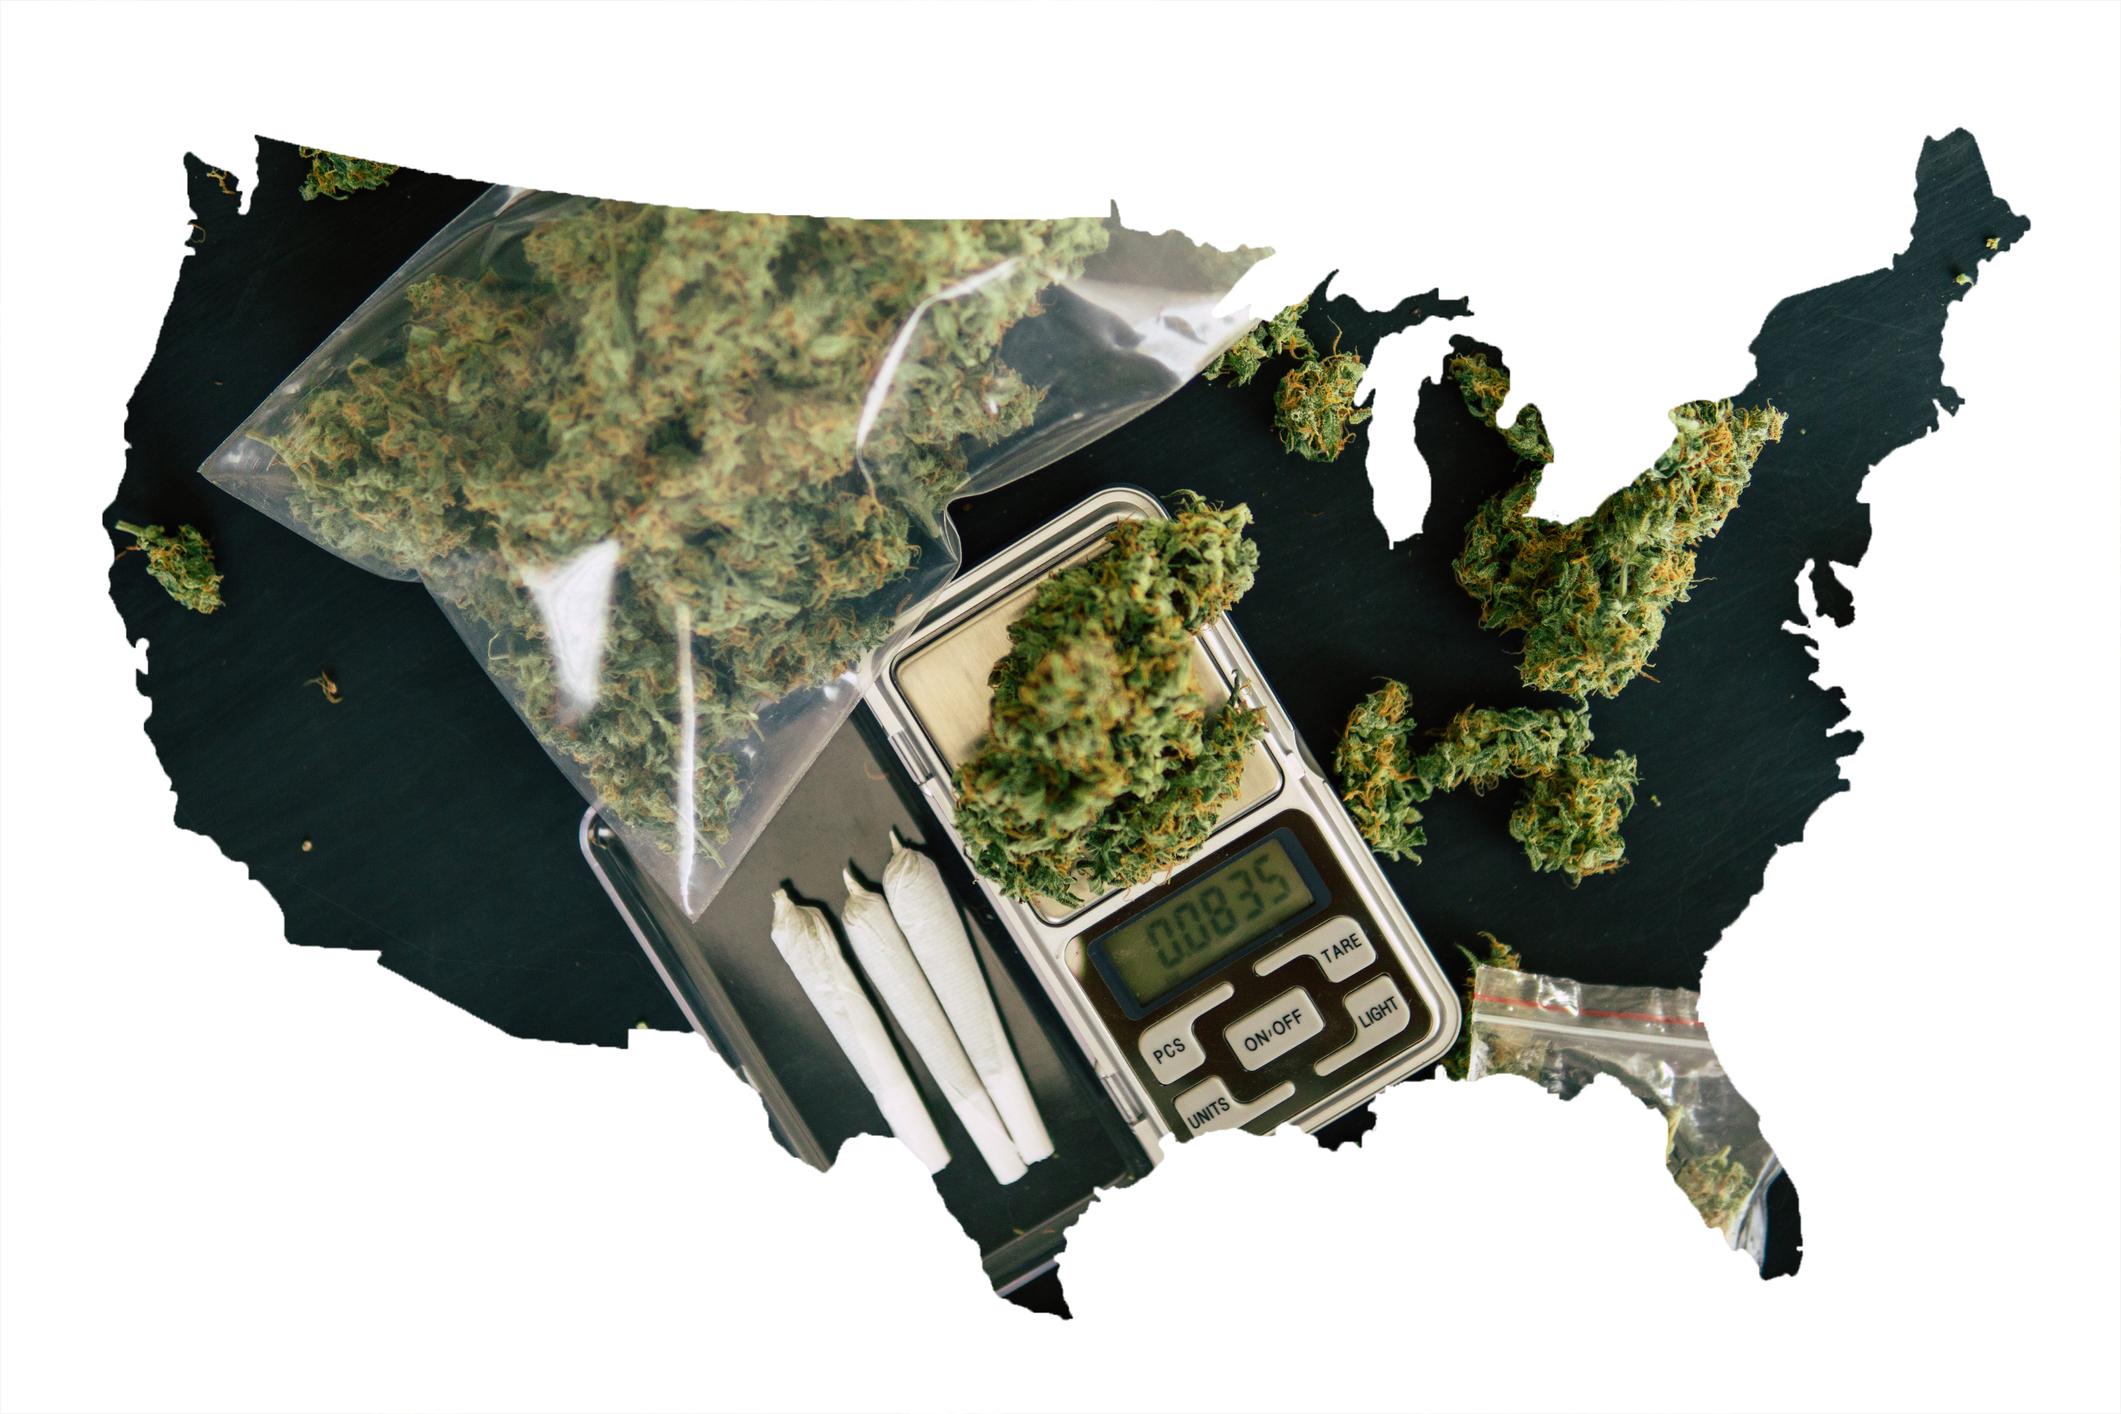 Amazon May Sell Marijuana Sooner Than Expected